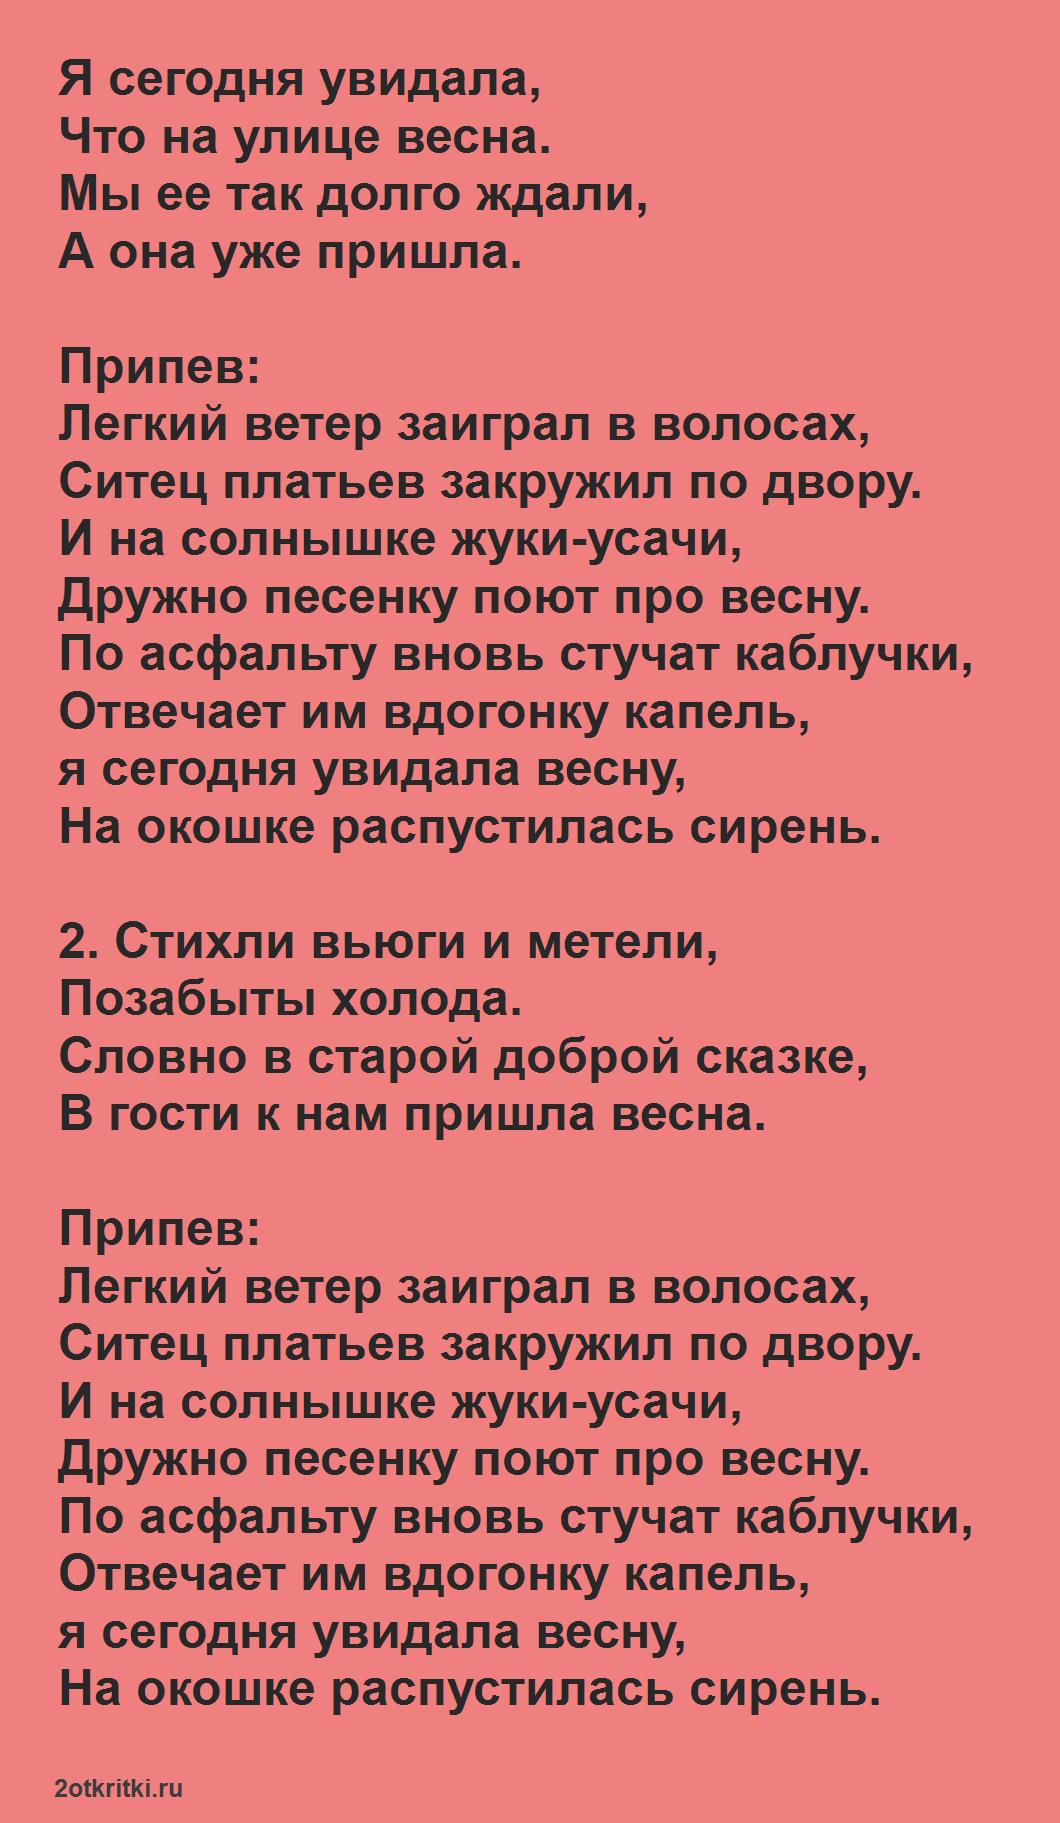 Скачать песни на день России - Весна